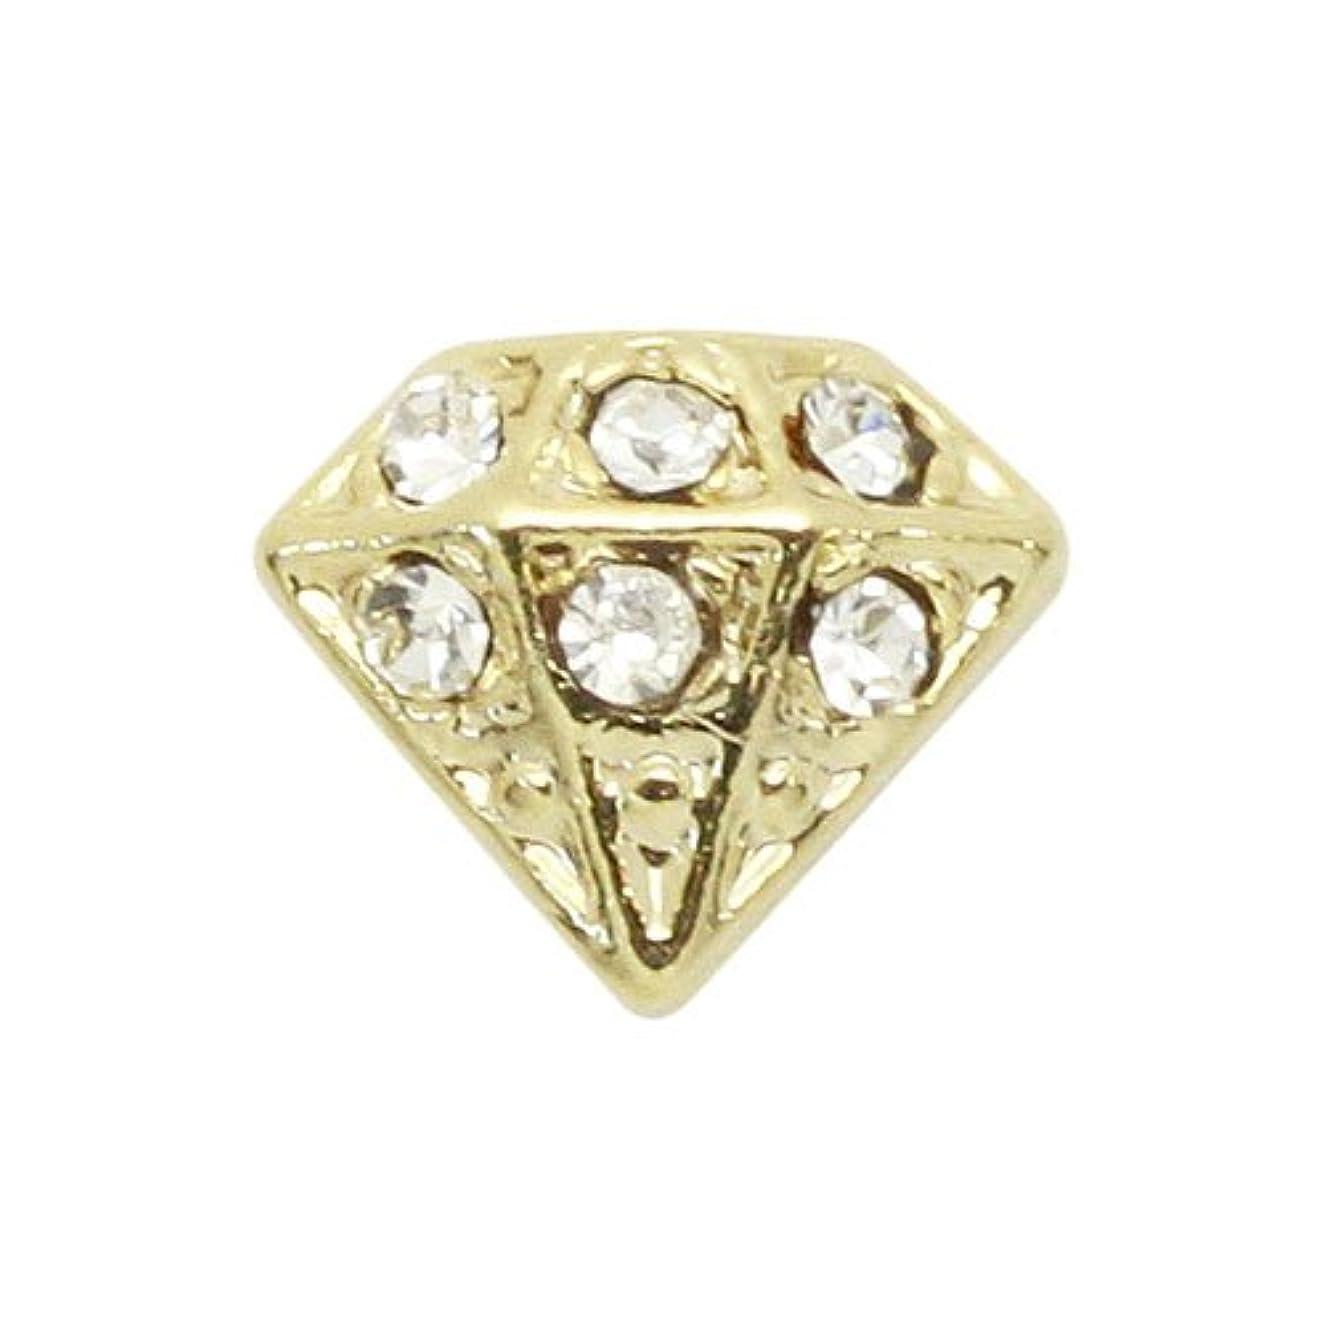 自治苦罪人エムプティ ネイルパーツ ダイアモンド A191 1個